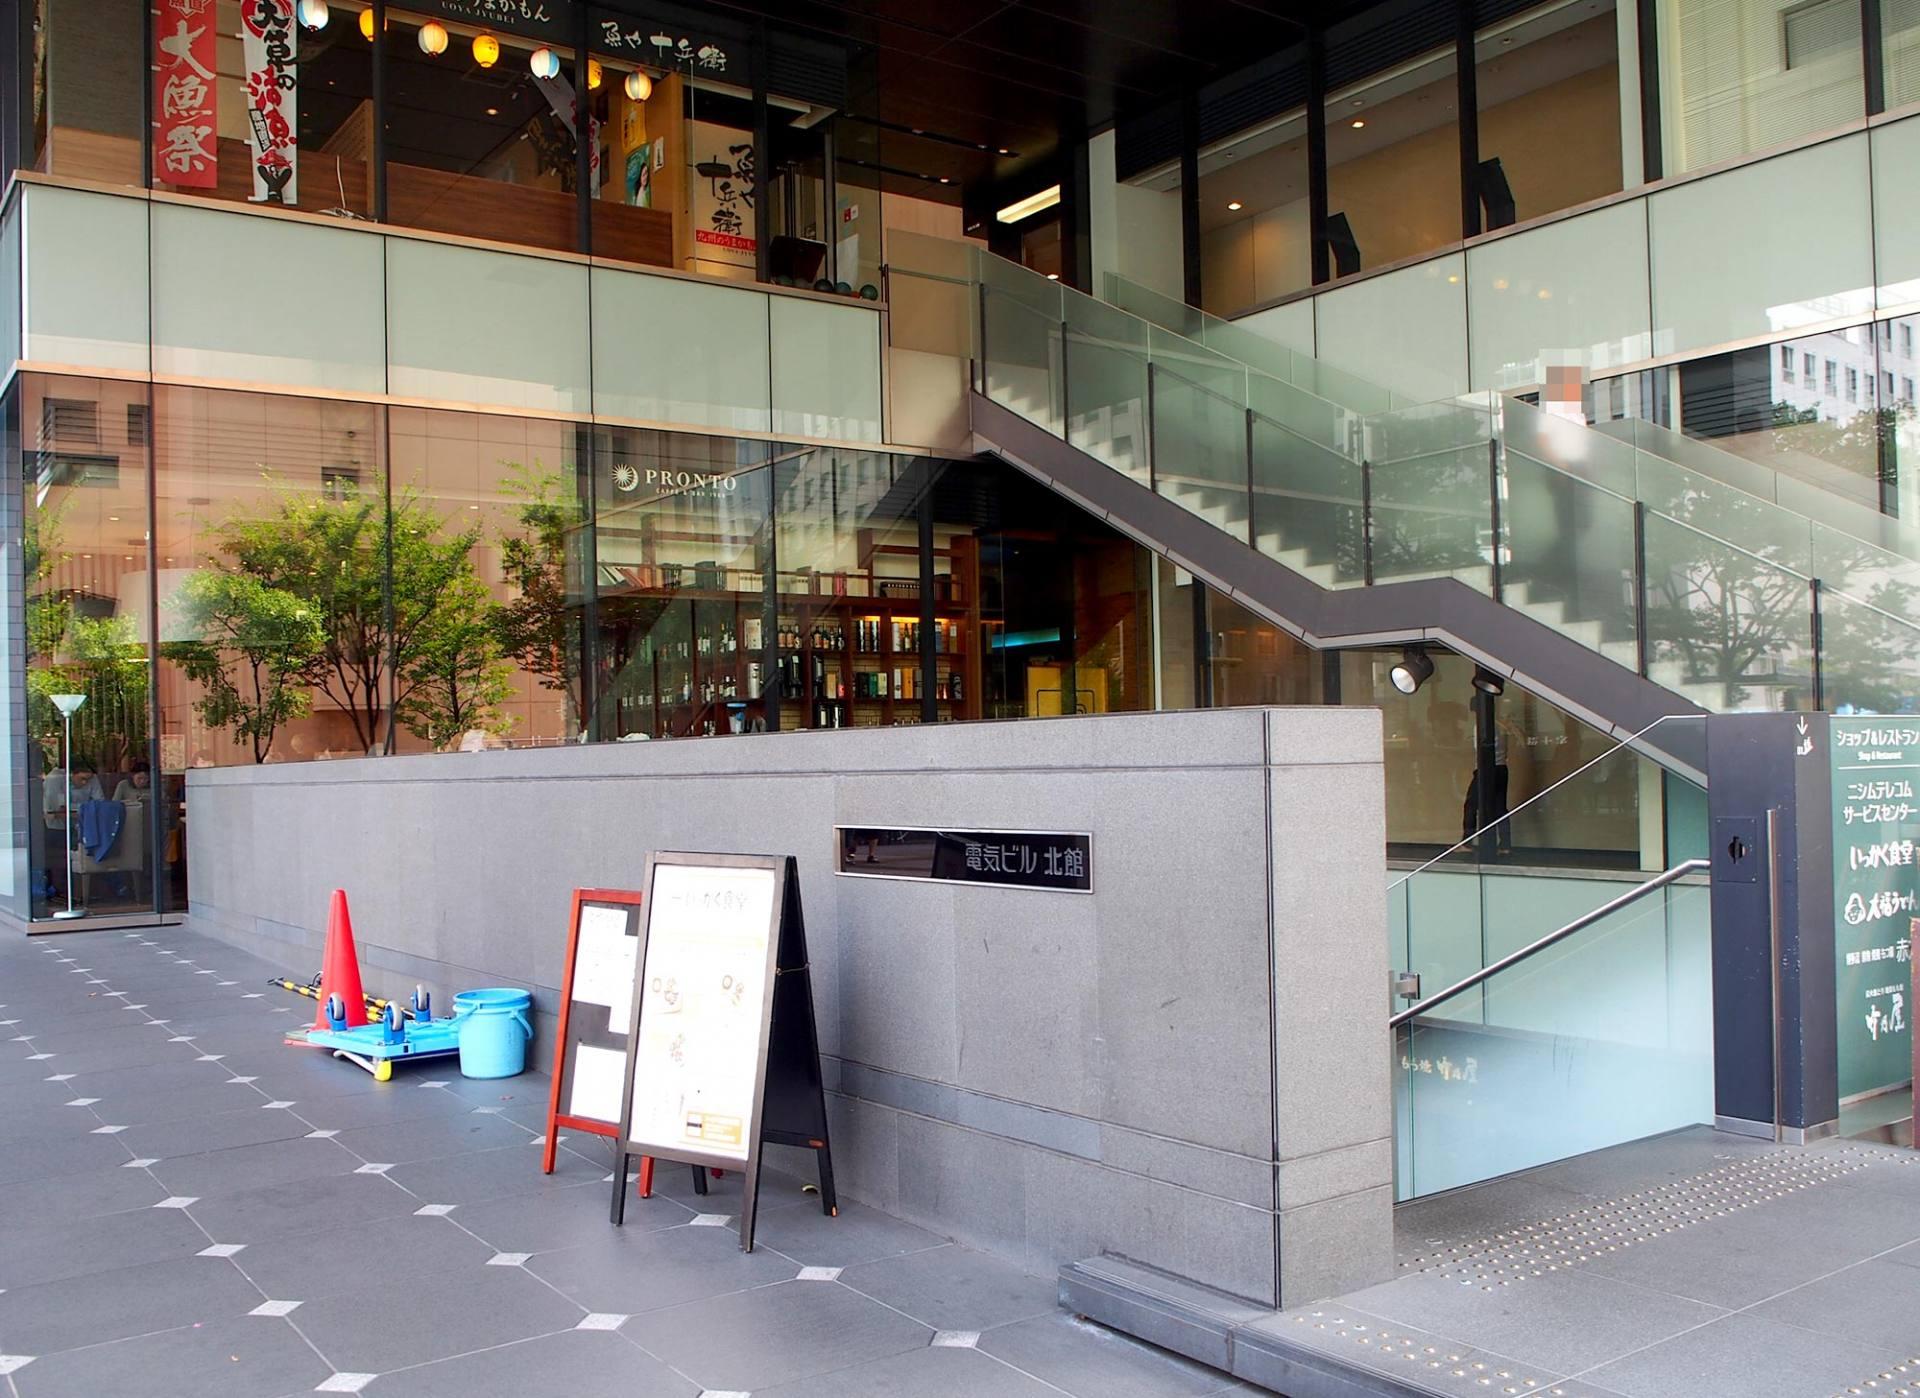 「一角食堂 天神店」位在电器大楼北馆里面